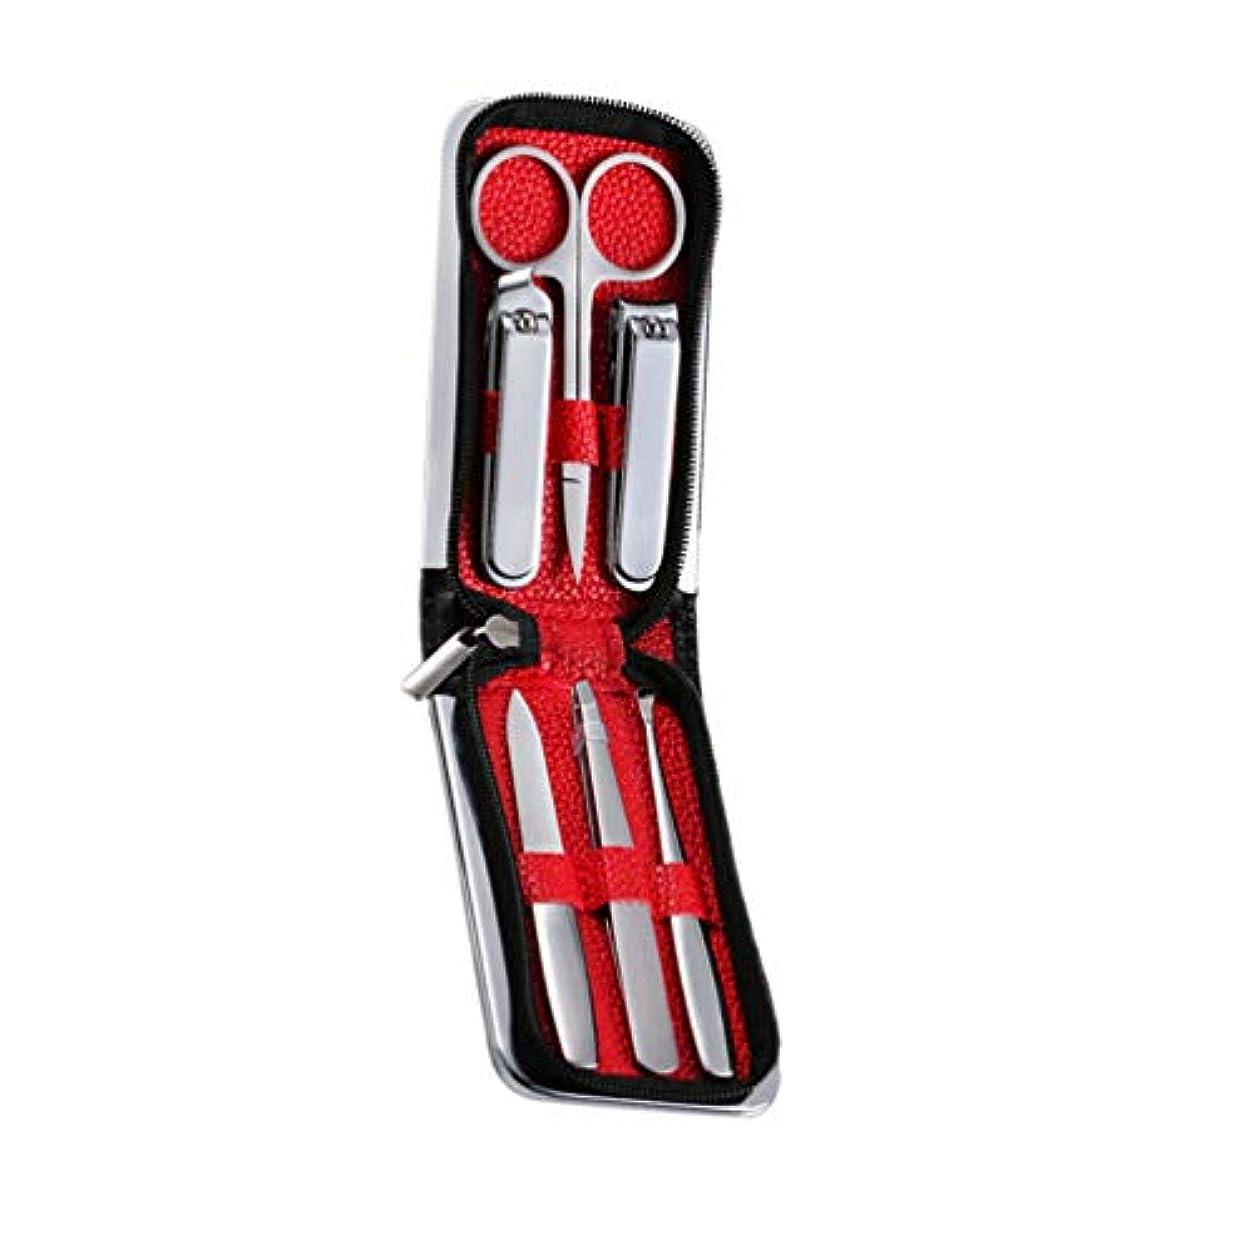 割れ目研究所優れましたHeallily 爪切り、男性の女性のためのケースステンレス鋼の爪カッタートリマーマニキュアツールキットとセット爪切りマニキュアツールの1セットは、屋外旅行(黒)